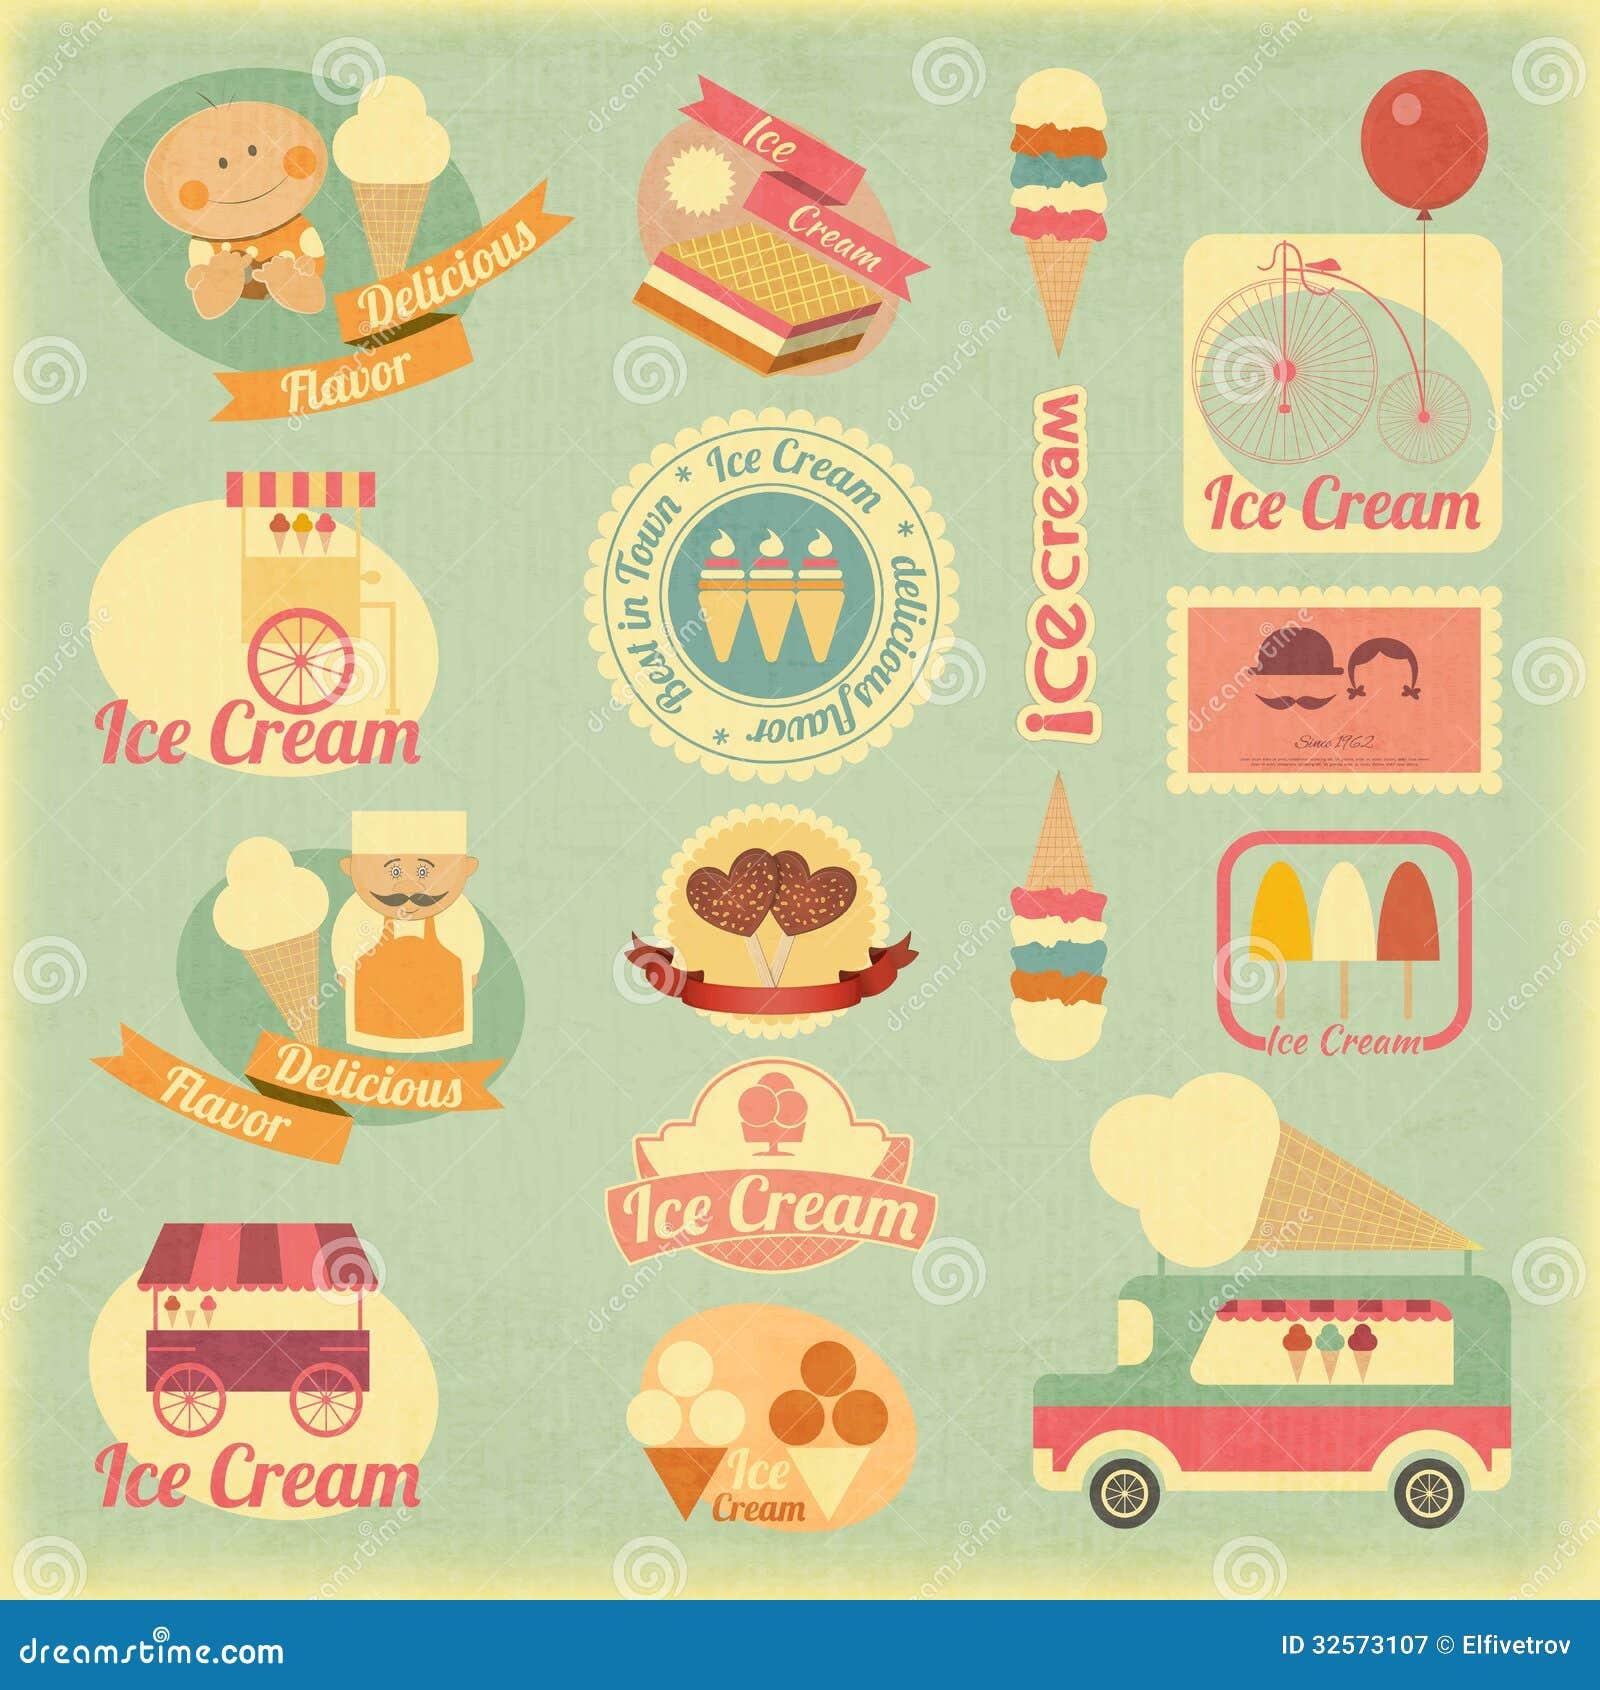 vintage ice cream clipart - photo #24